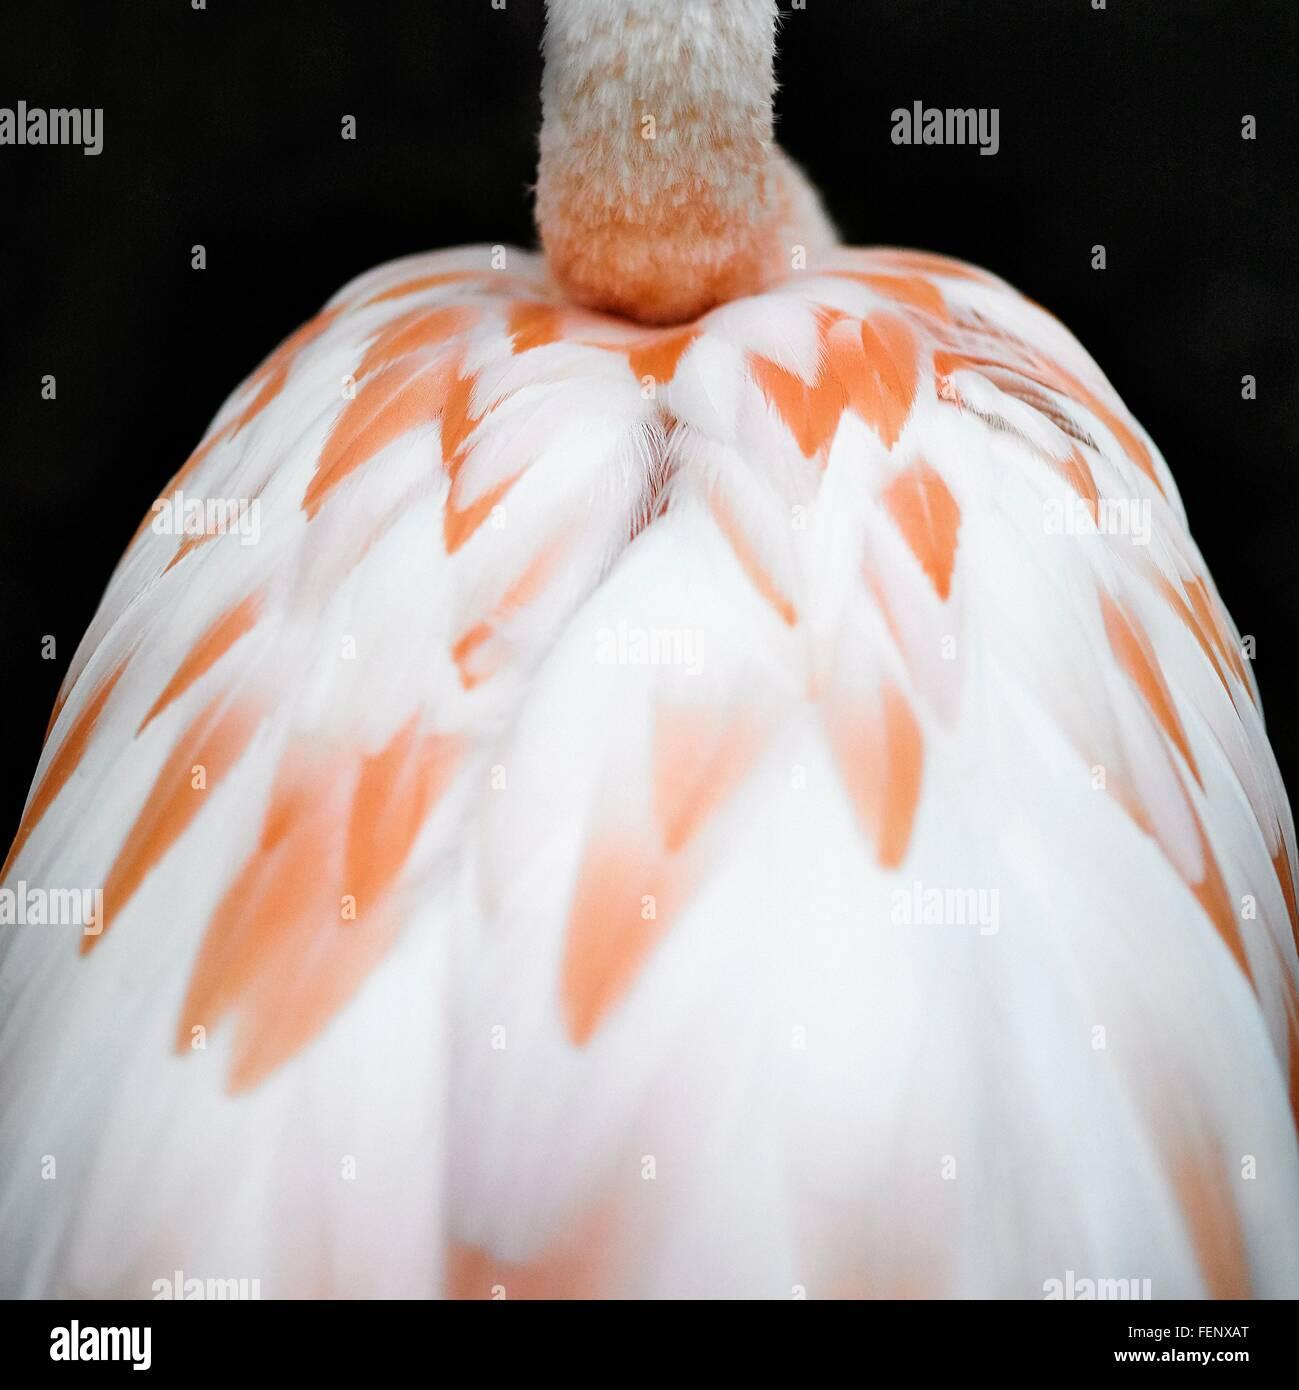 Heckansicht des Flamingo der Rücken- und Nackenmuskulatur auf schwarzem Hintergrund abgeschnitten Stockbild